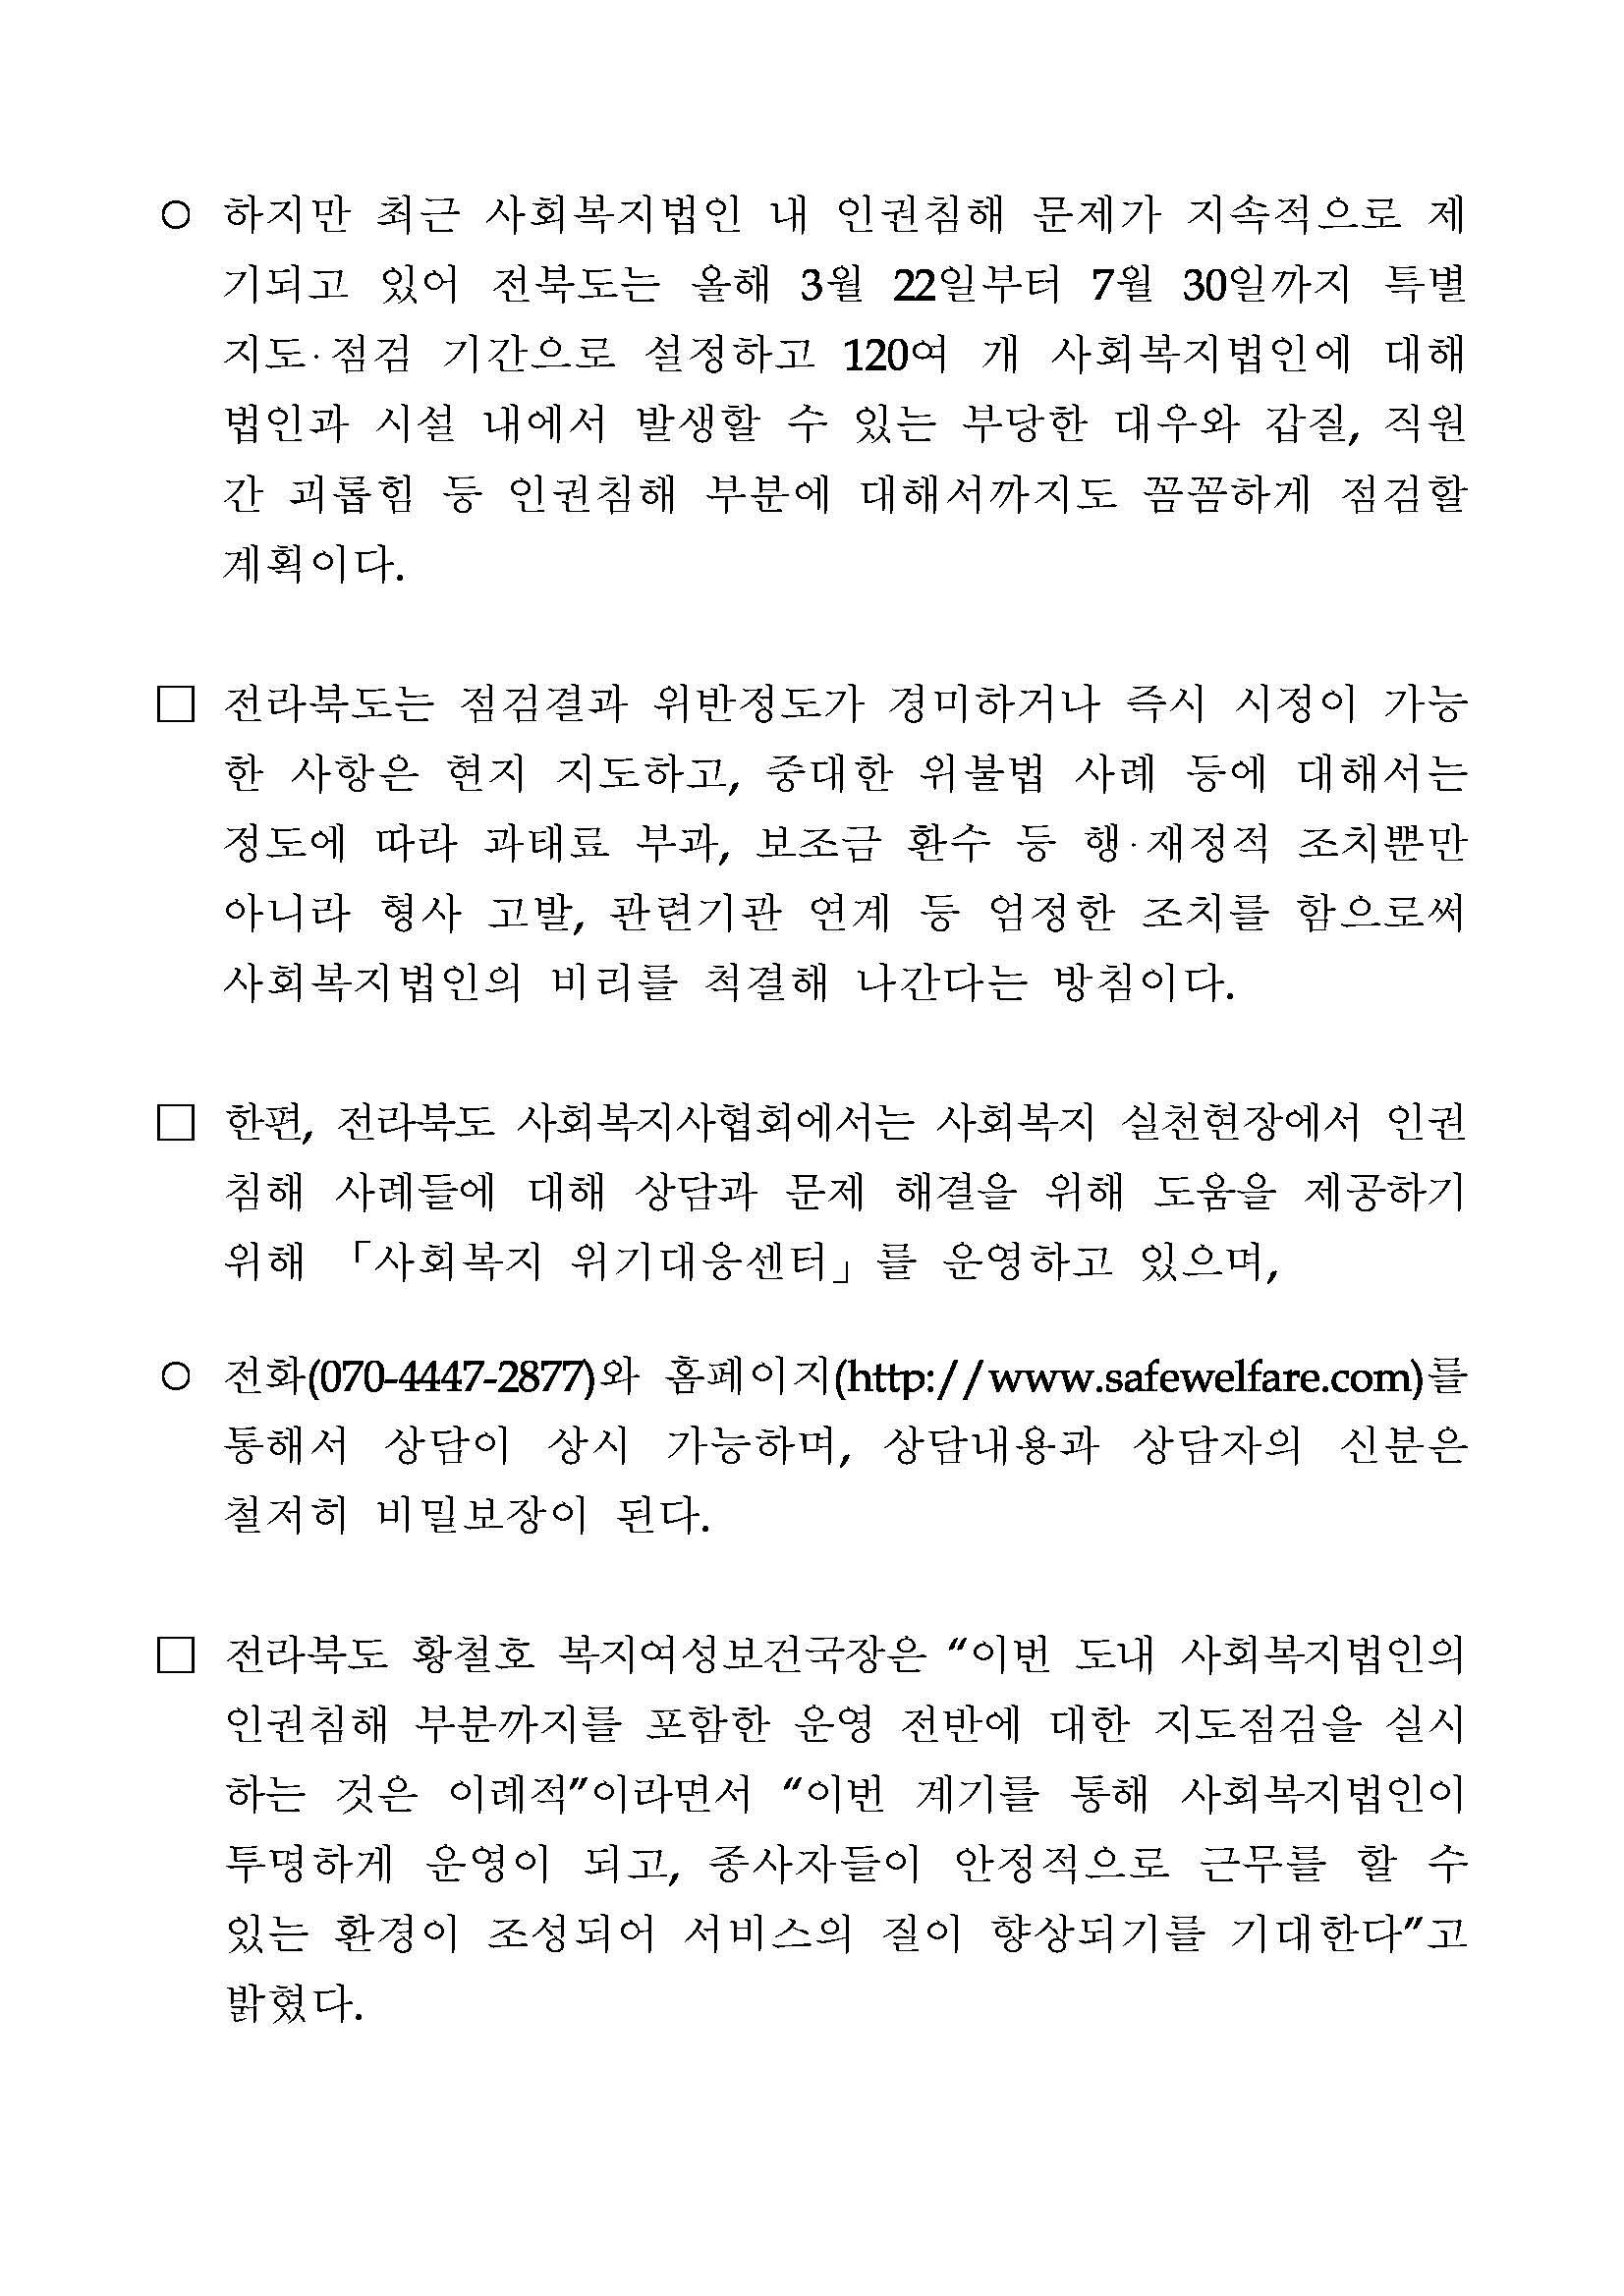 21.3.22_전북도 사회복지과 보도자료_사회복지법인 특별지도점검 추진_페이지_2.jpg